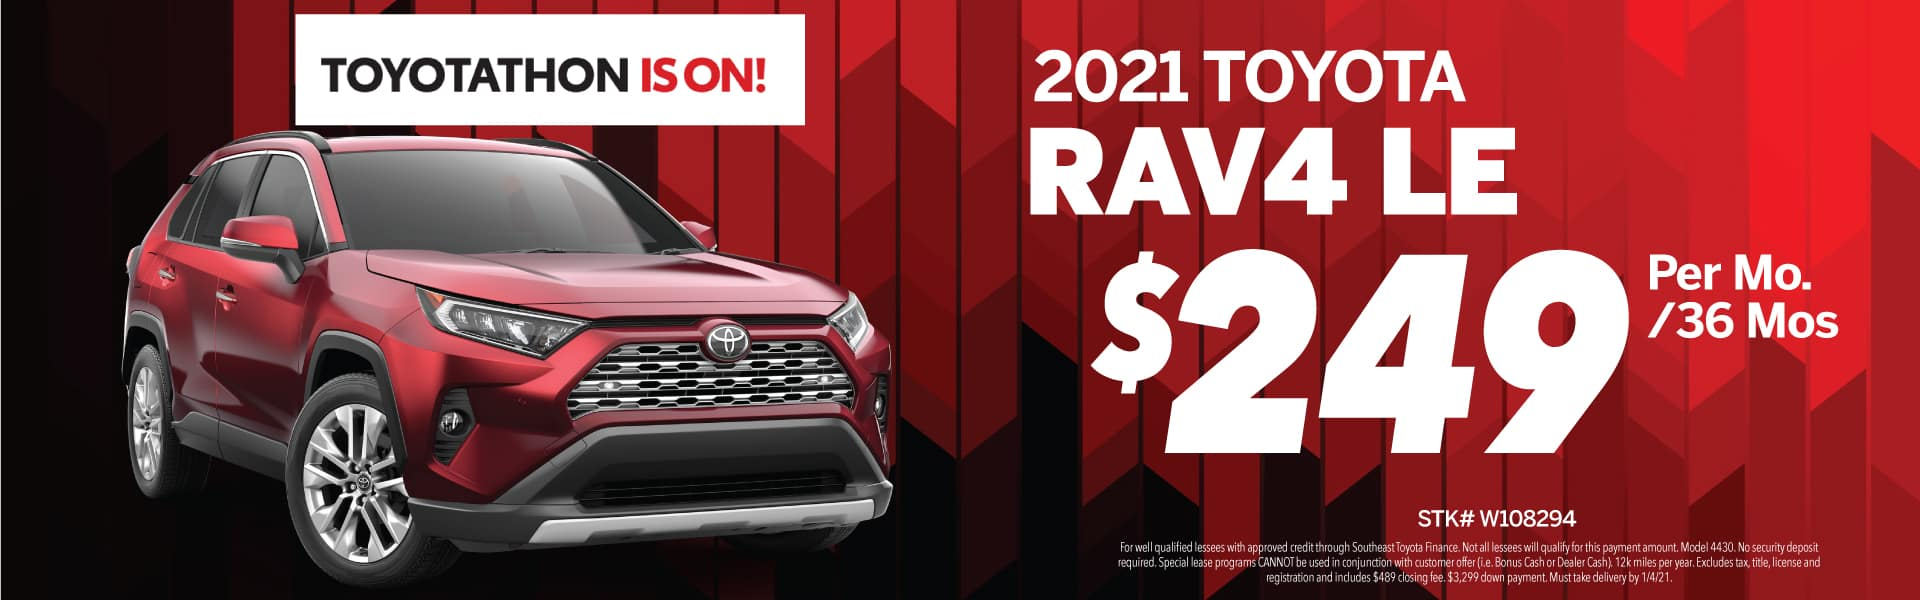 2021 Toyota RAV4 Lease Deal